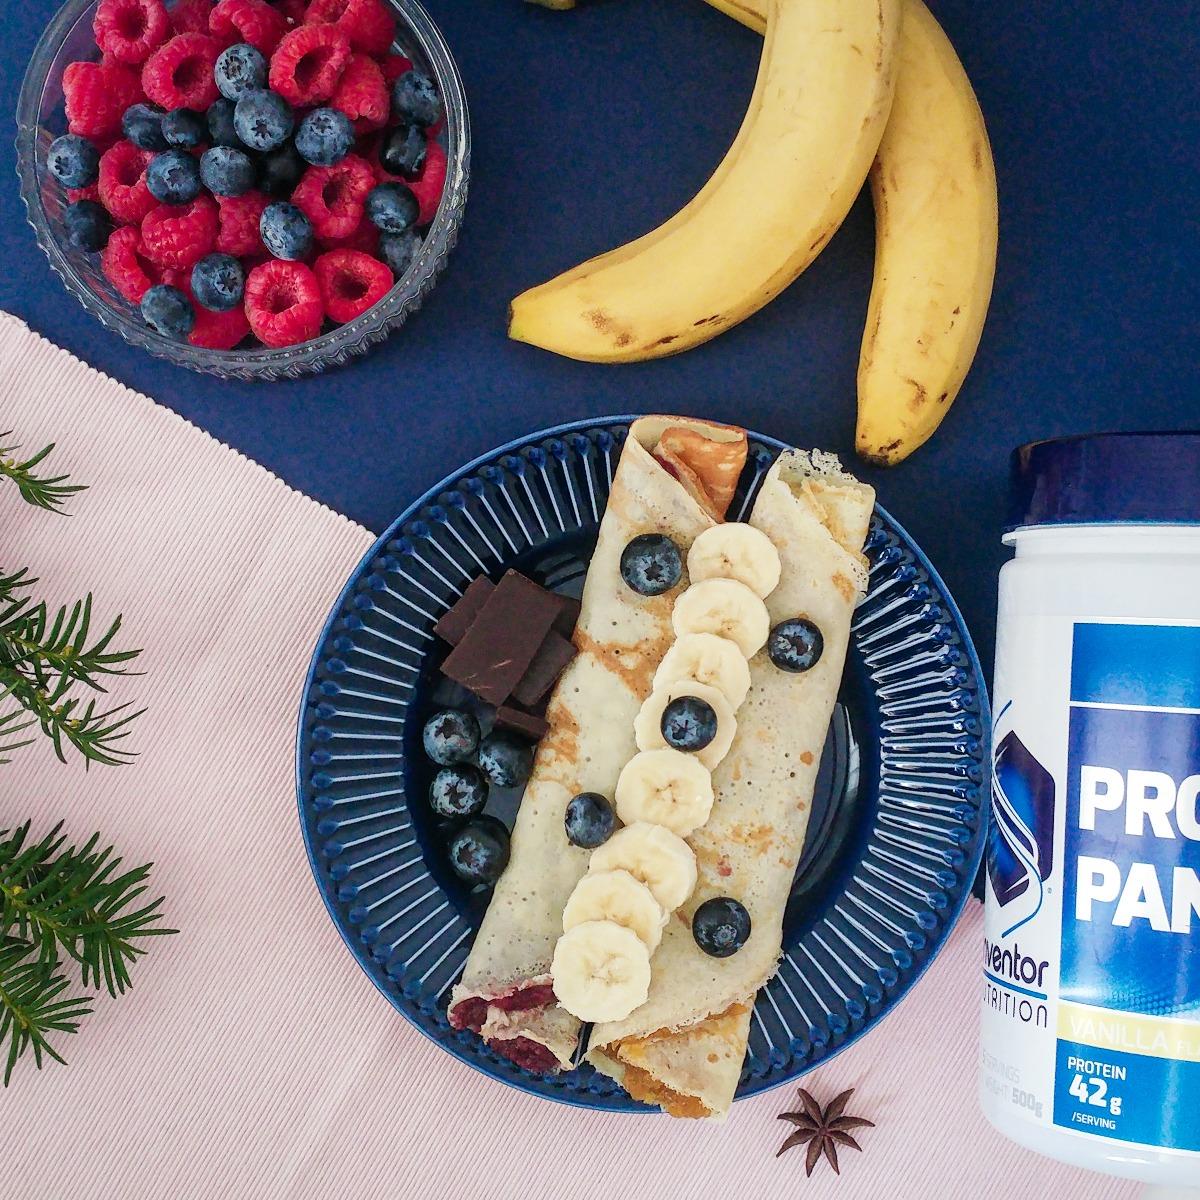 Ízesítsd mennyei gyümölcsökkel az Inventor proteinpalacsintádat